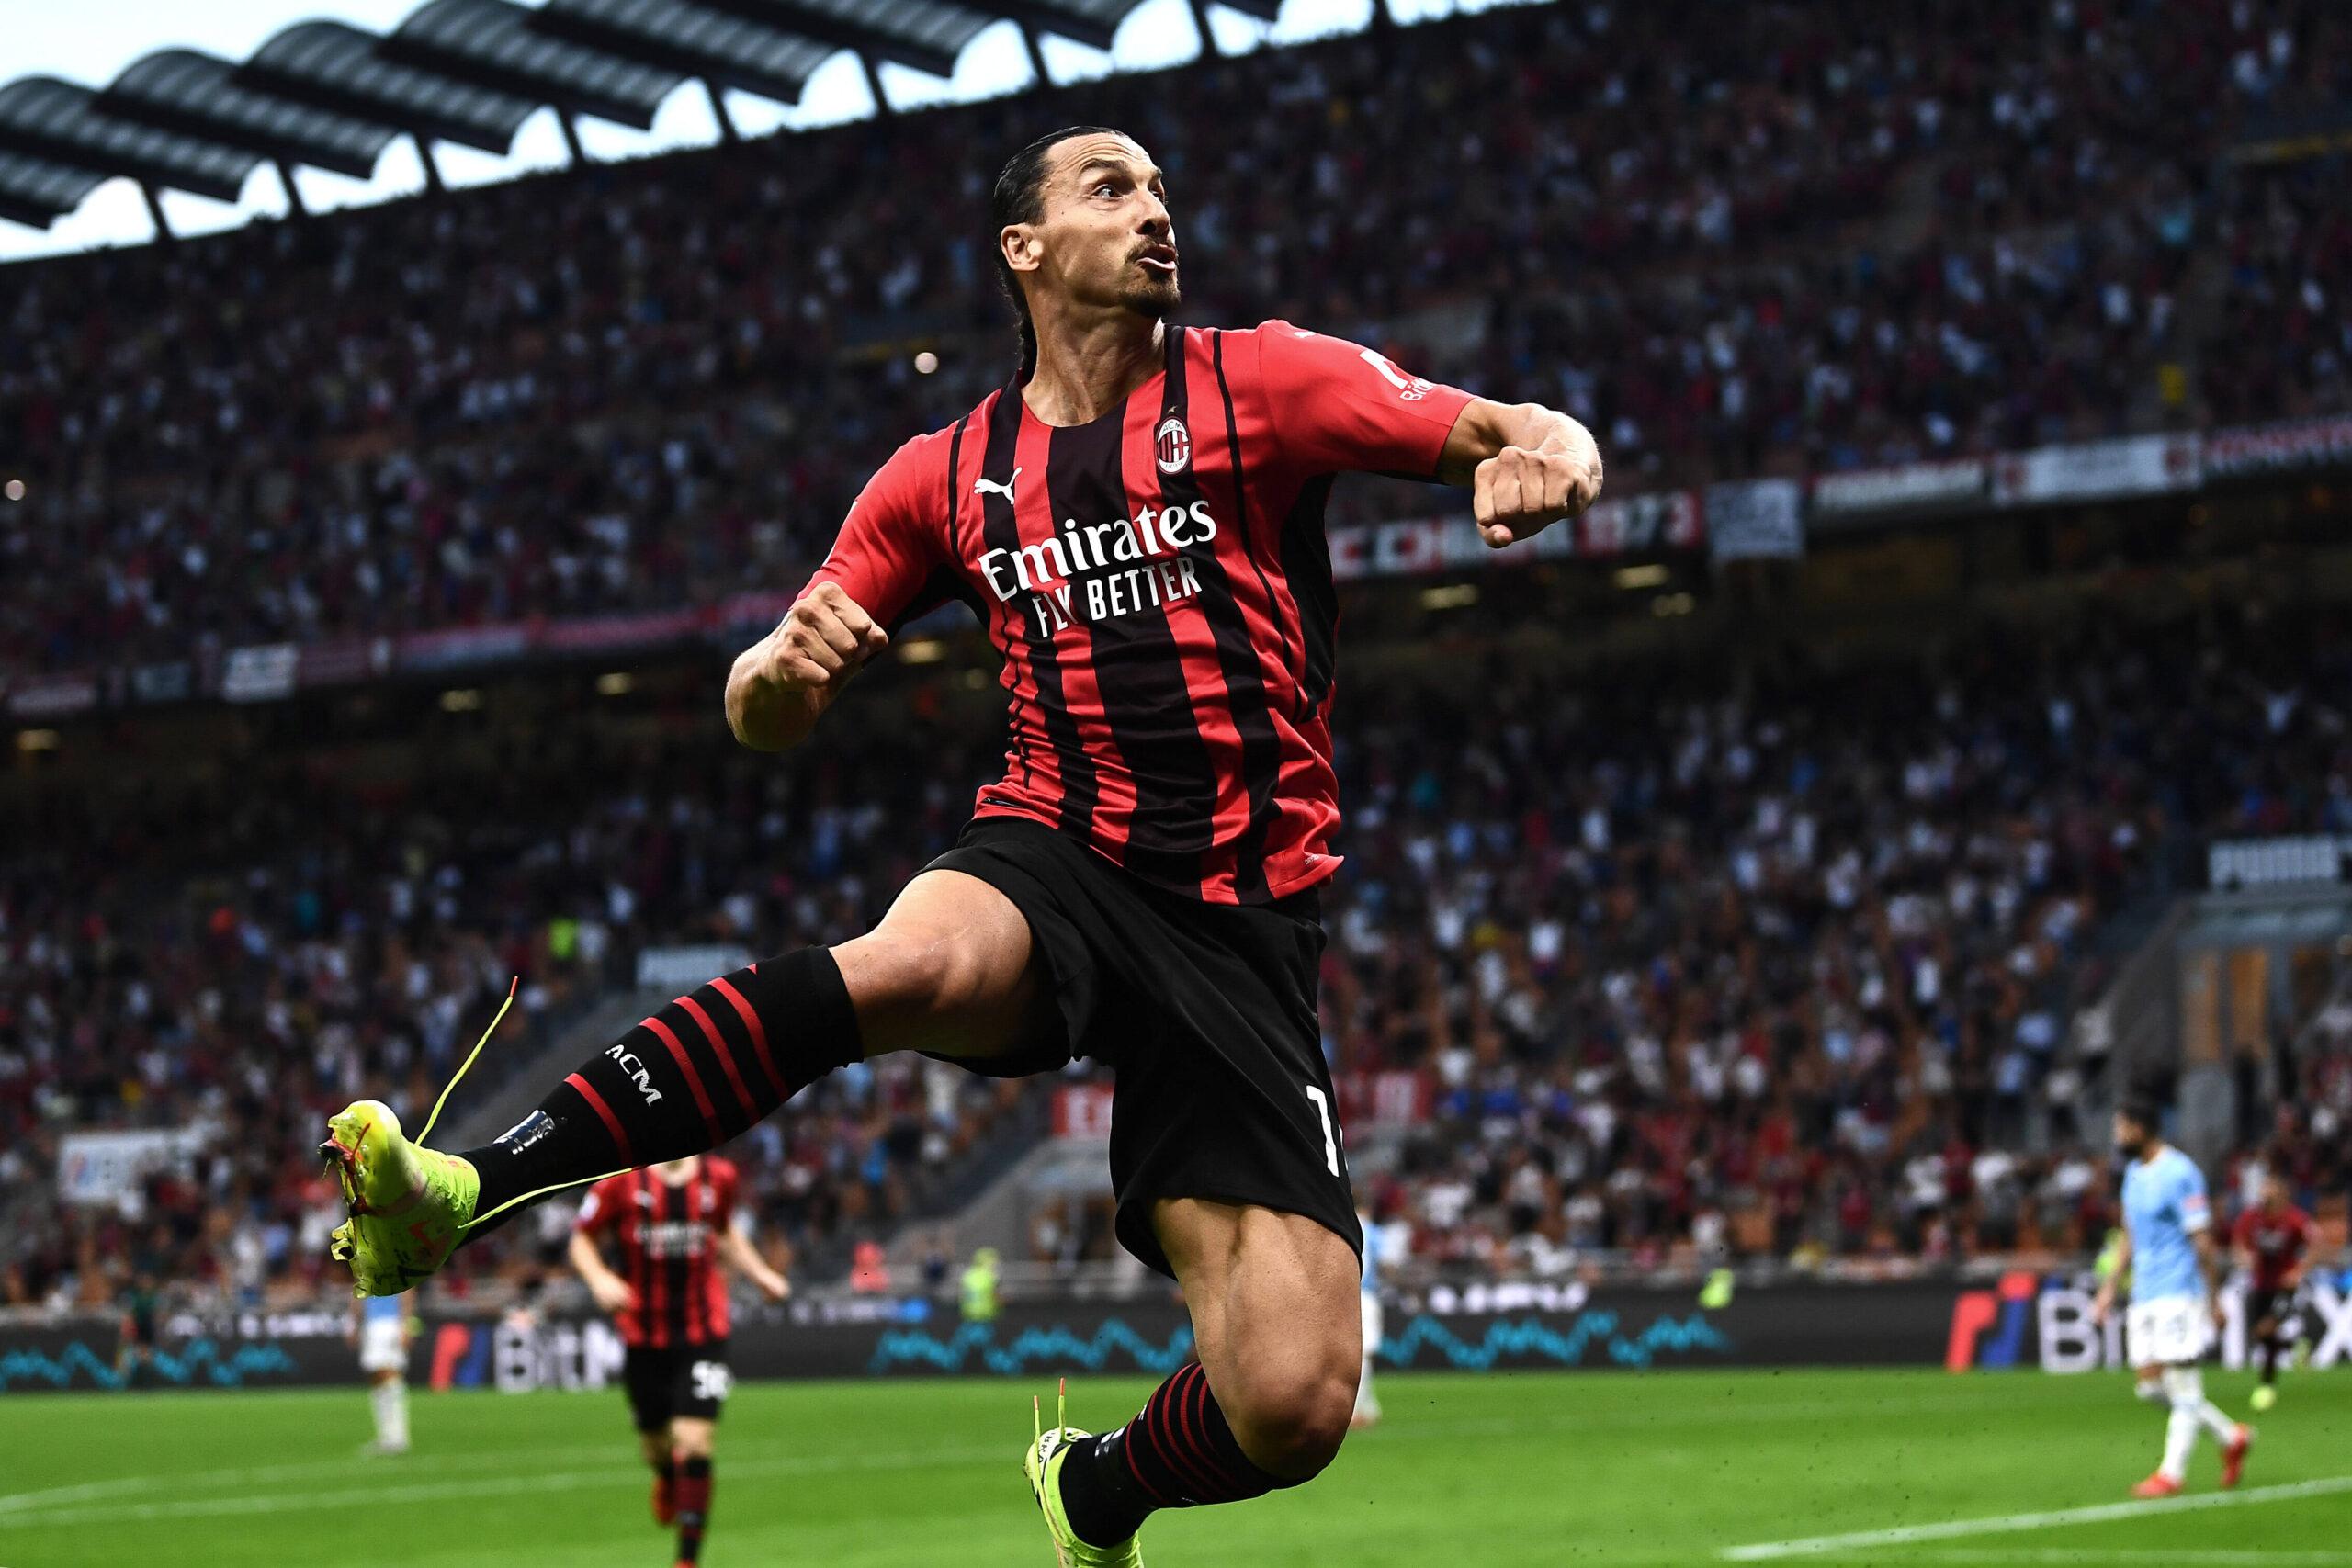 Ibrahimović, infortunio, recupero